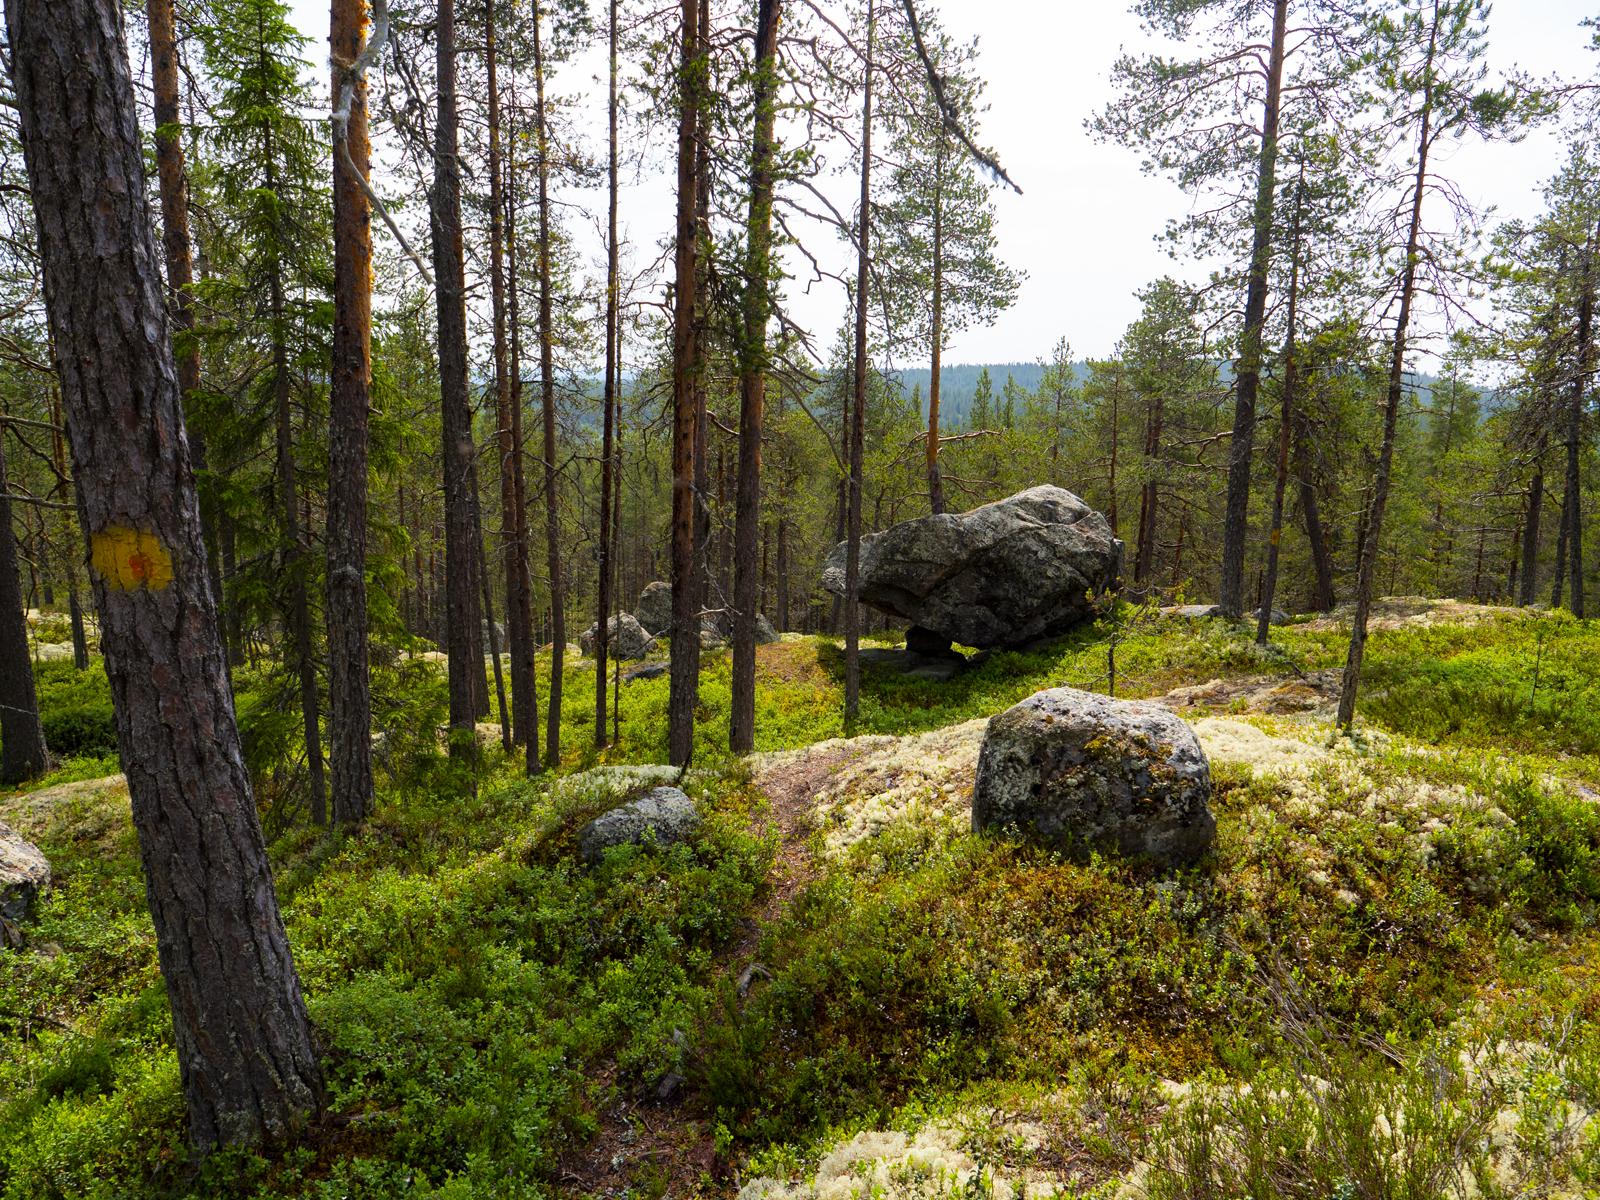 Другой мир, шаманы и дикая природа 48 часов магии Северной Карелии 024